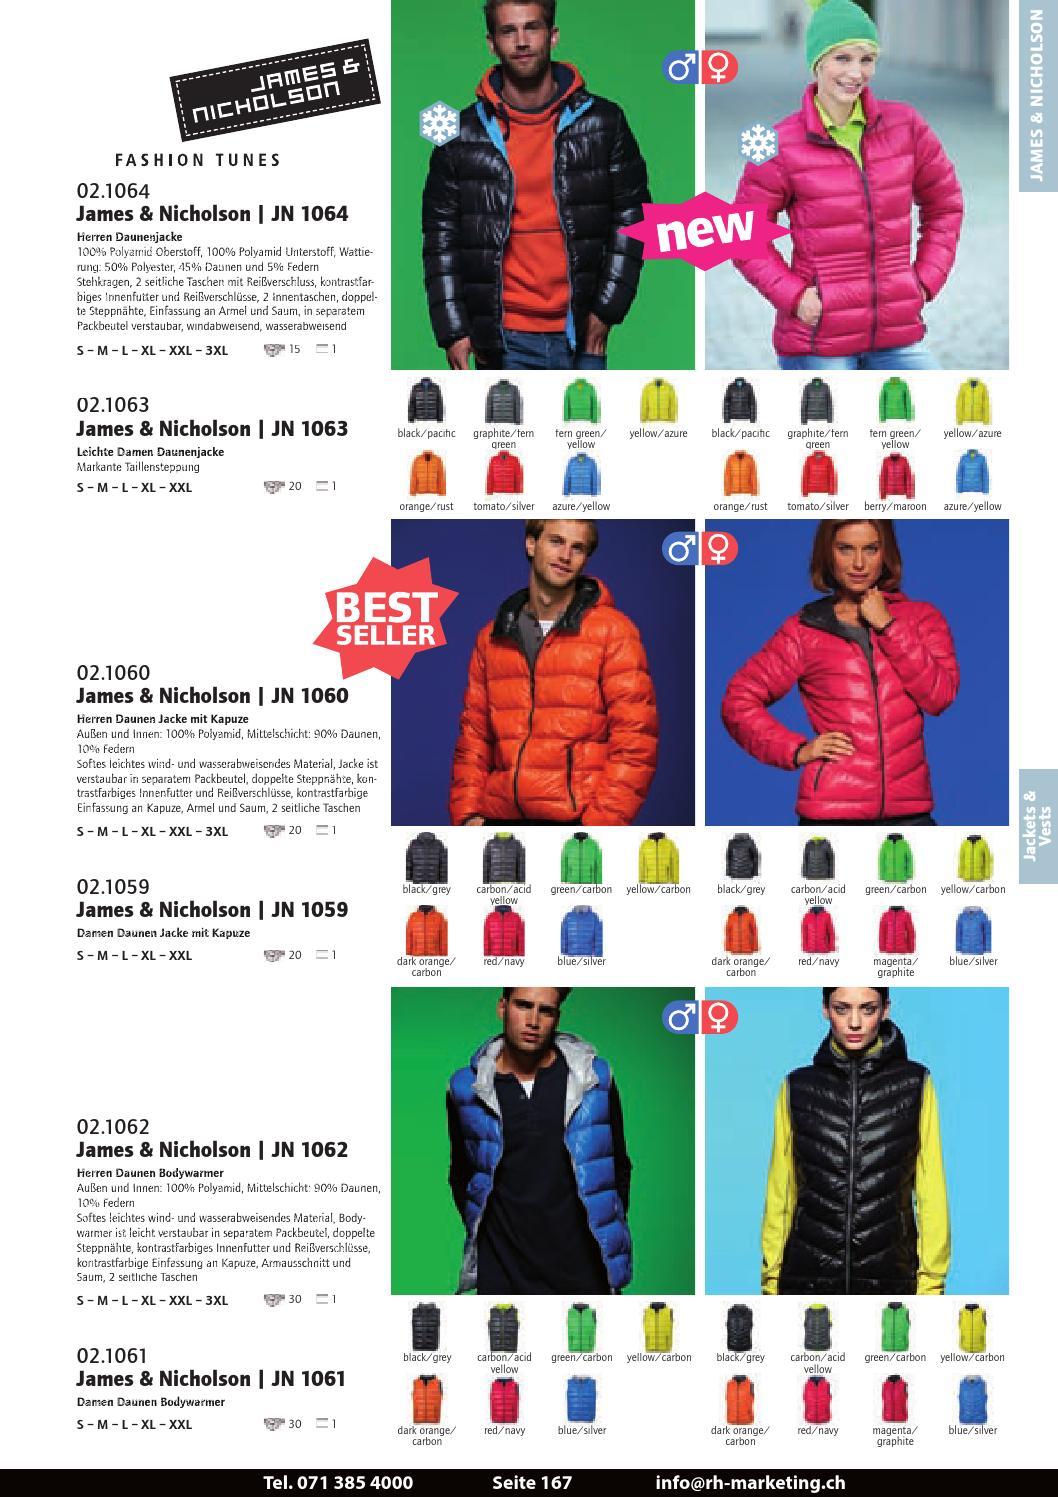 Textilkatalog 2014 RH Marketing GmbH by RH Marketing GmbH